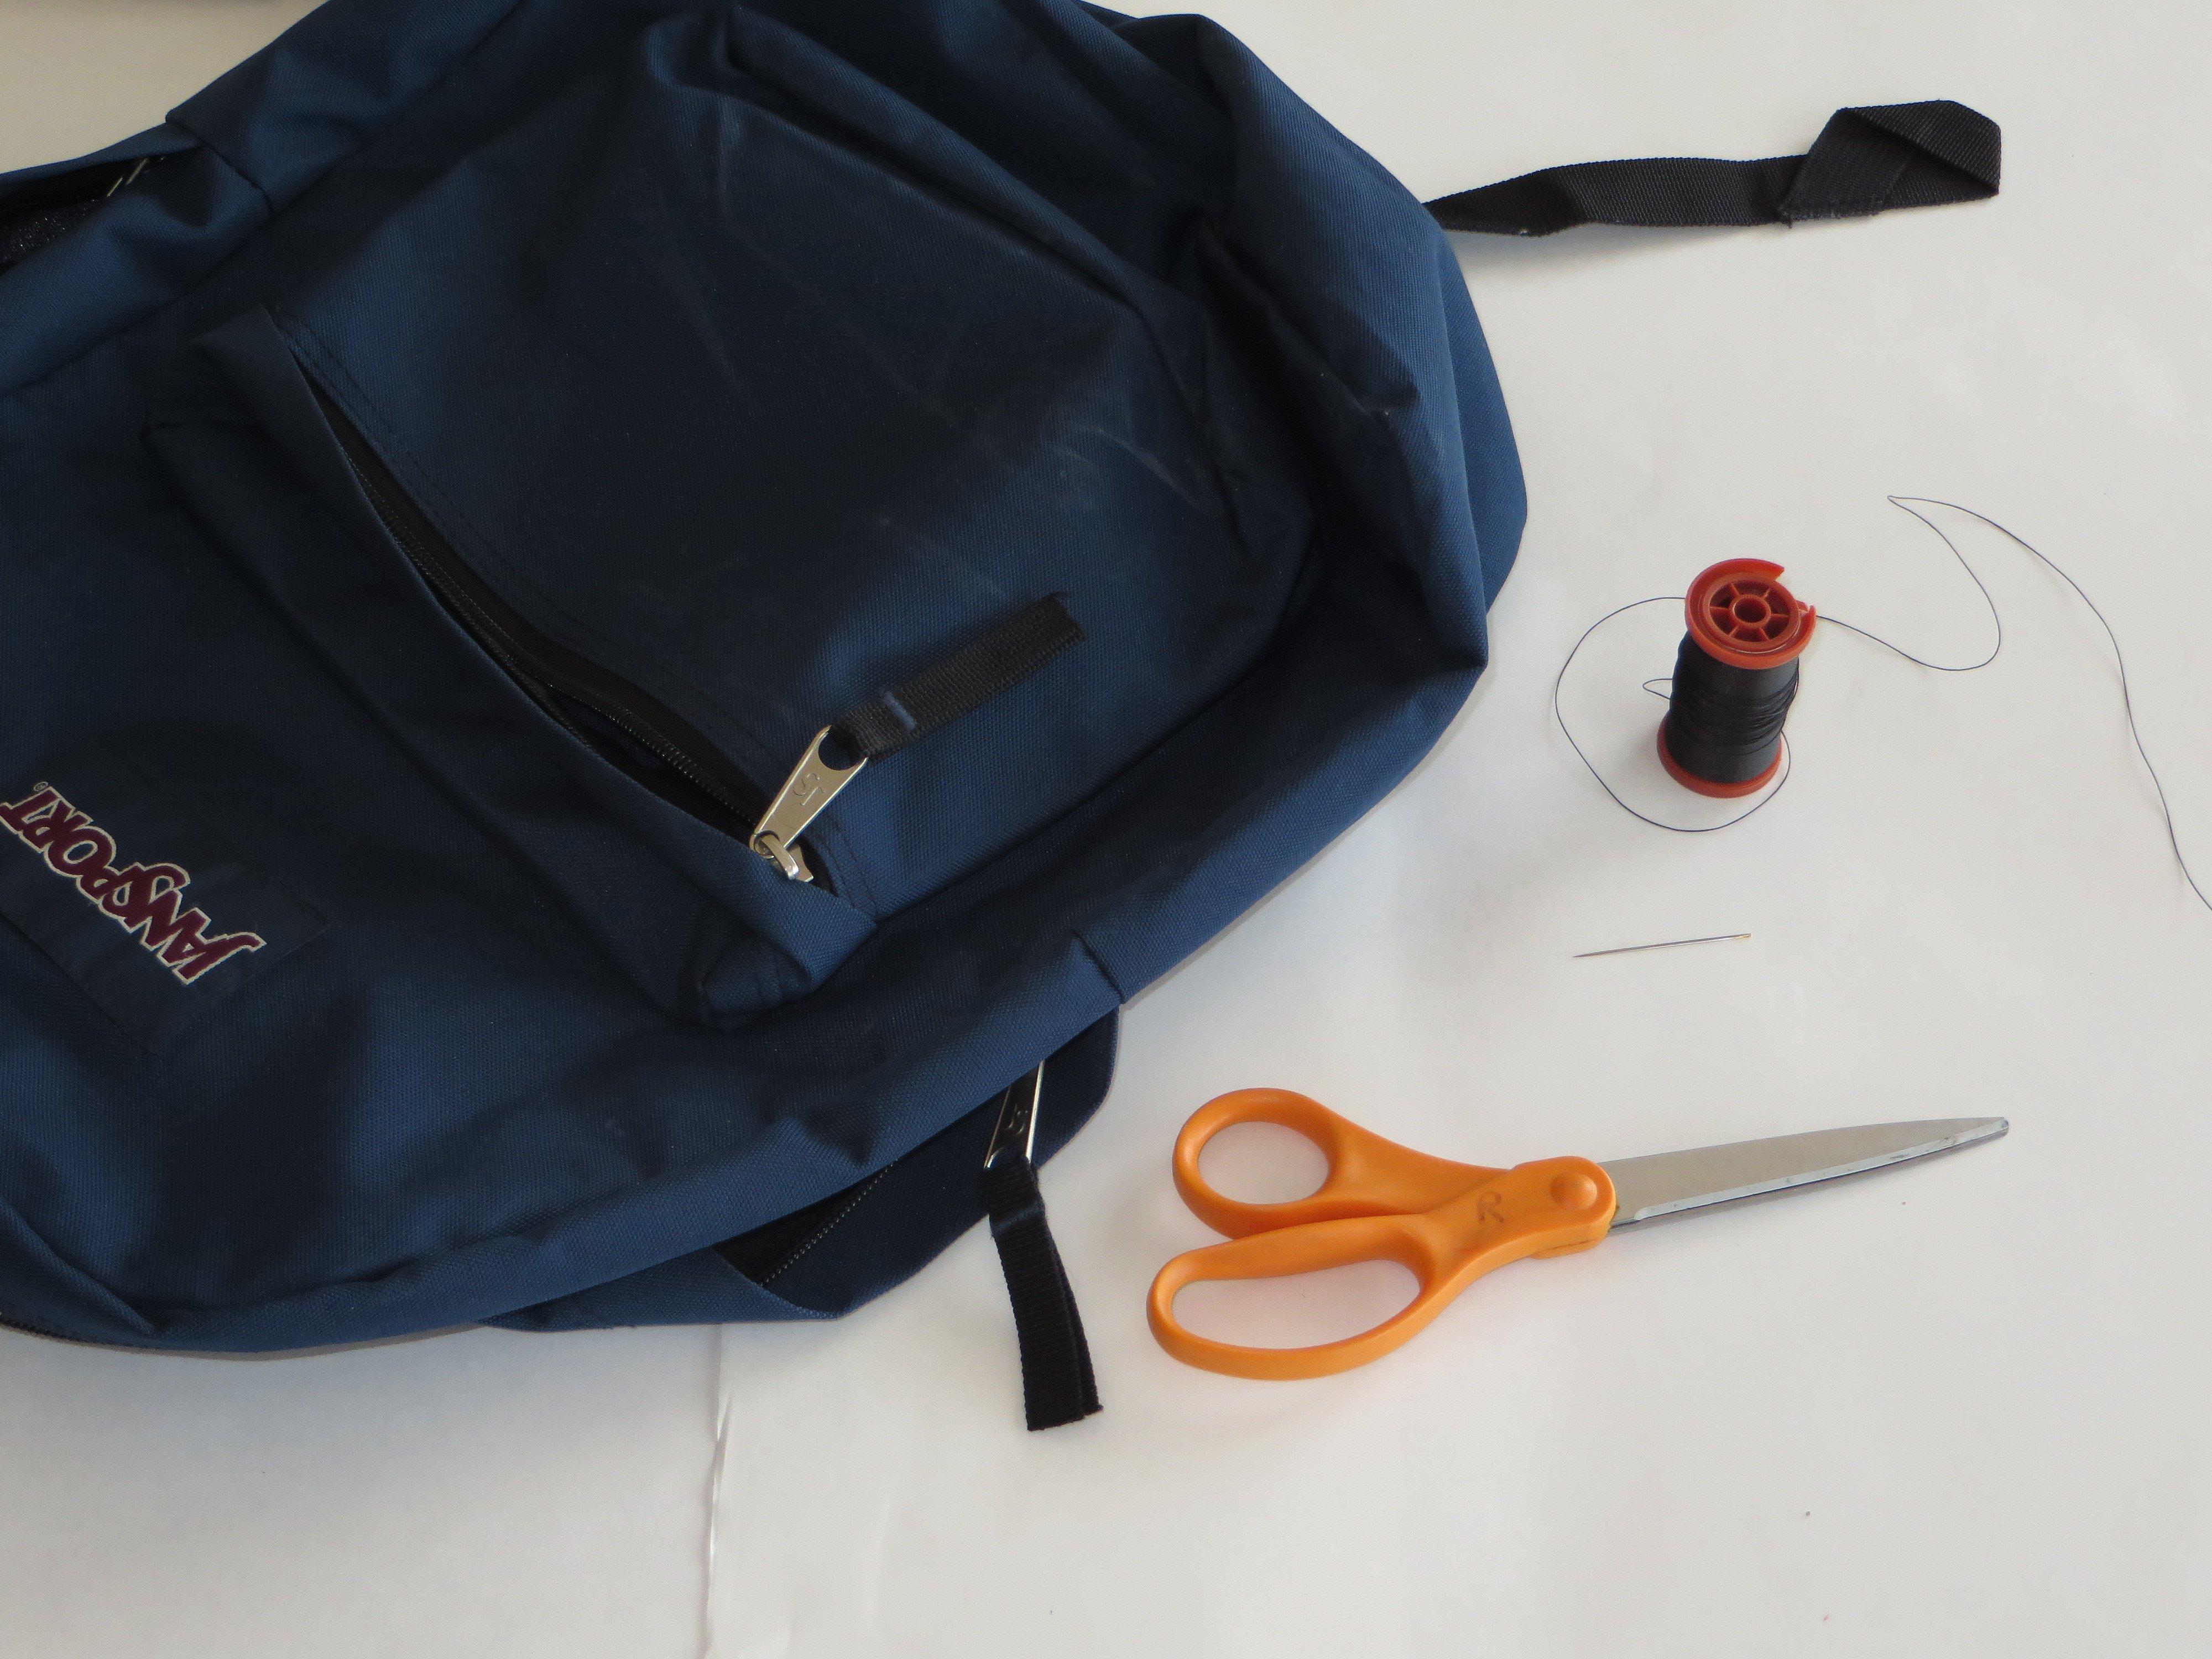 e19977d4bd01 Torn-Off Backpack Shoulder Strap Repair - iFixit Repair Guide